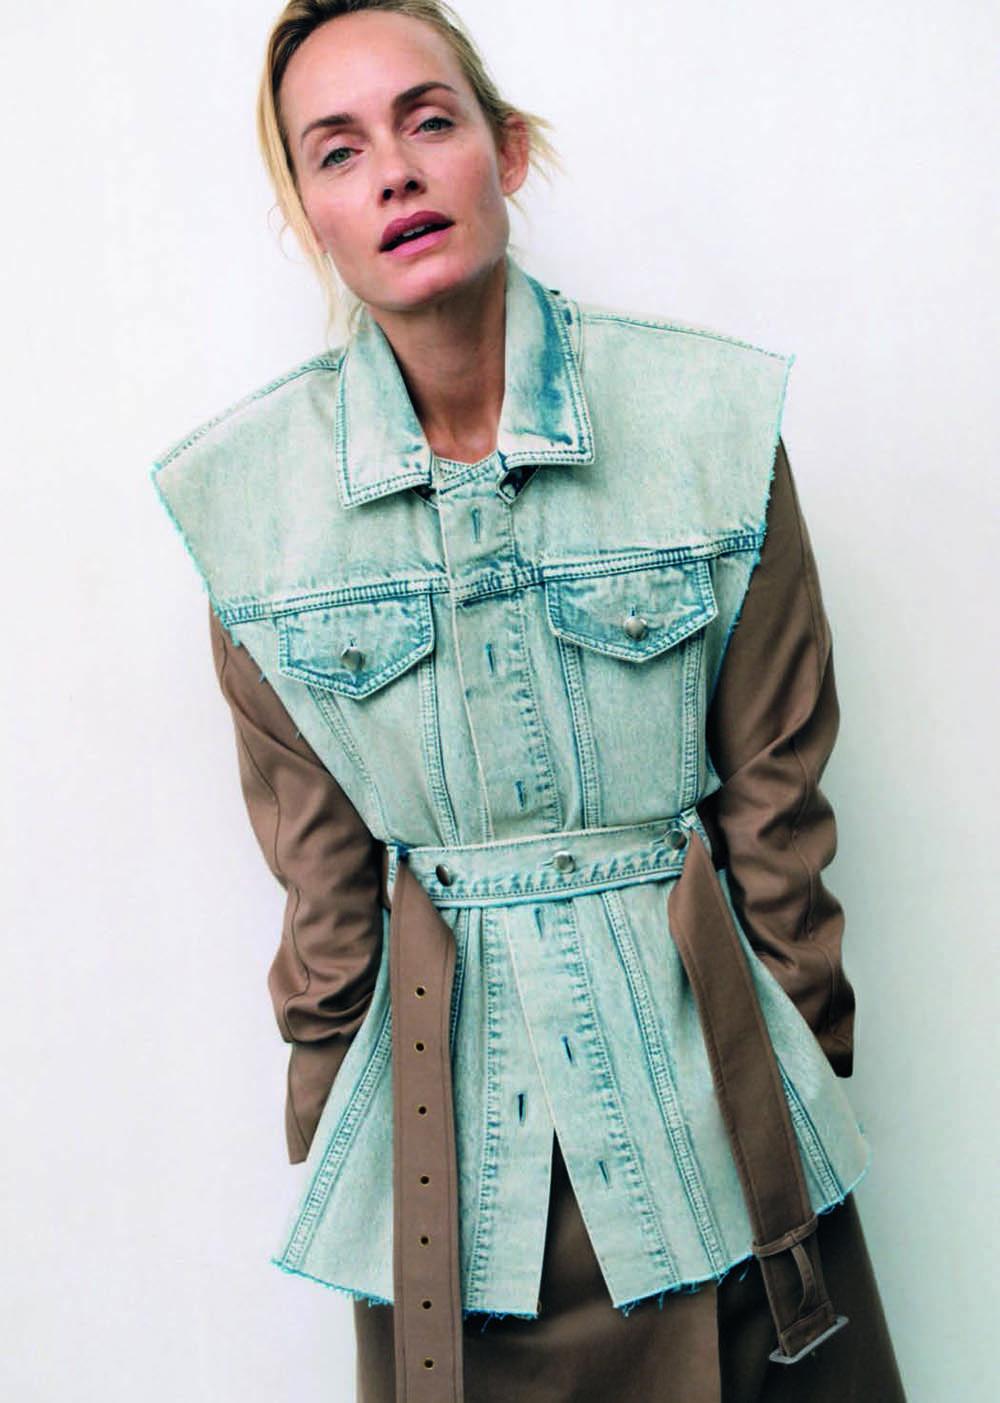 Amber Valletta by Zoë Ghertner for Vogue Poland November 2019